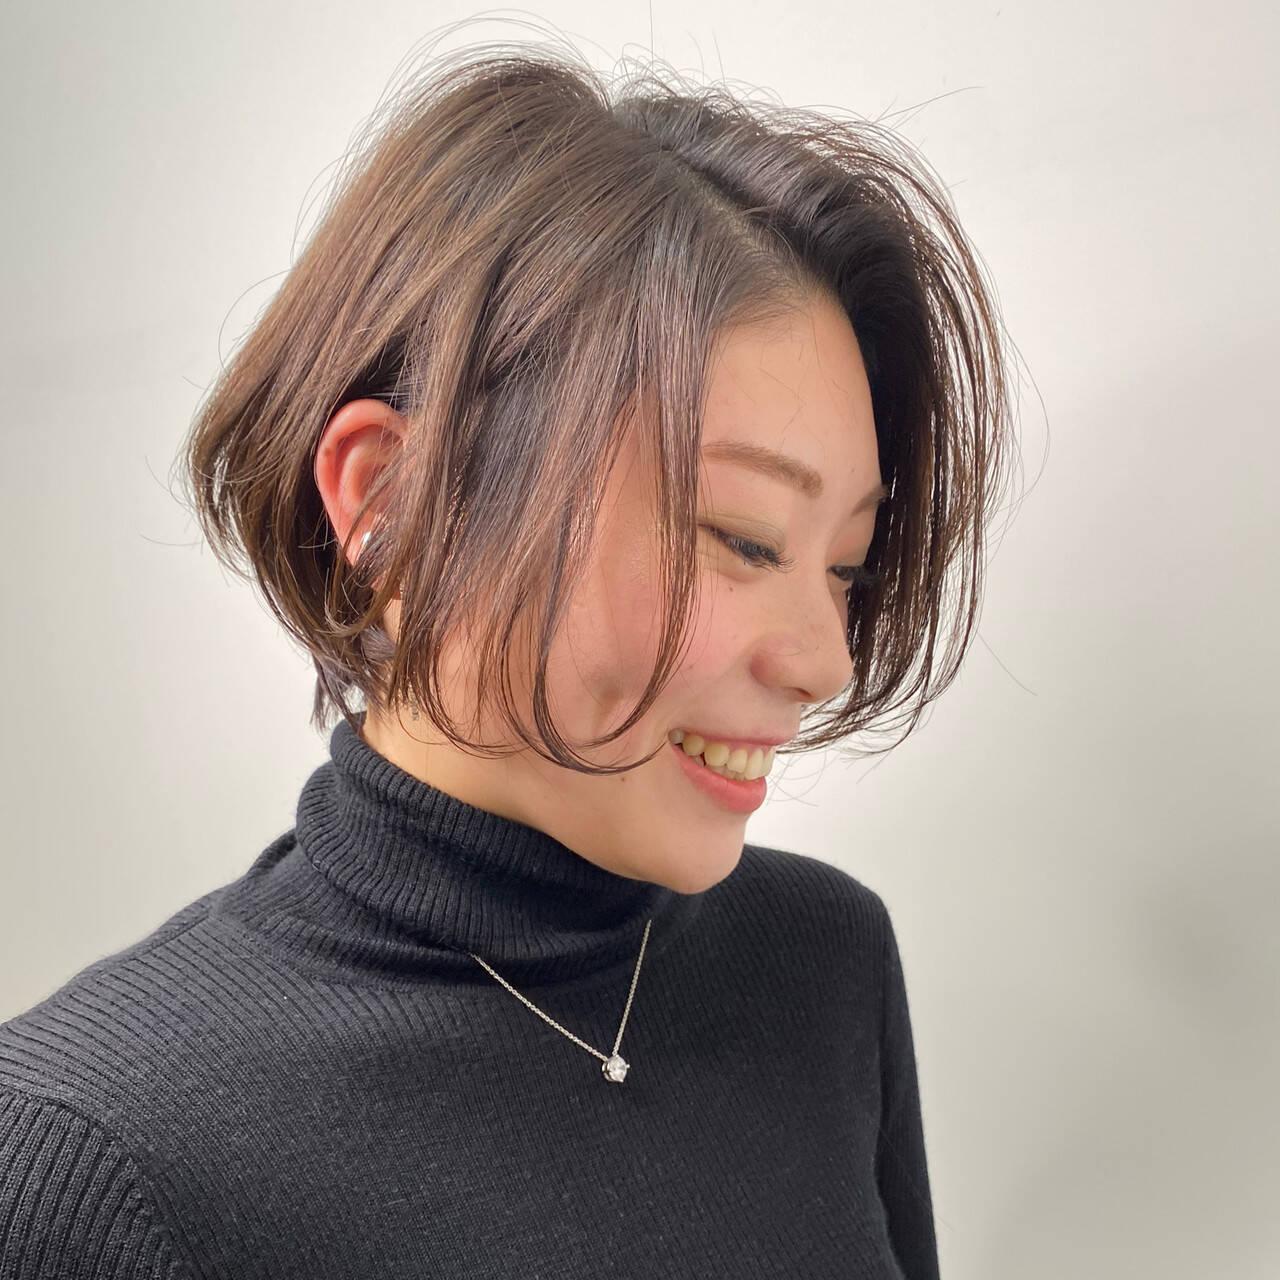 ナチュラル アンニュイほつれヘア 極細ハイライト 耳かけヘアスタイルや髪型の写真・画像